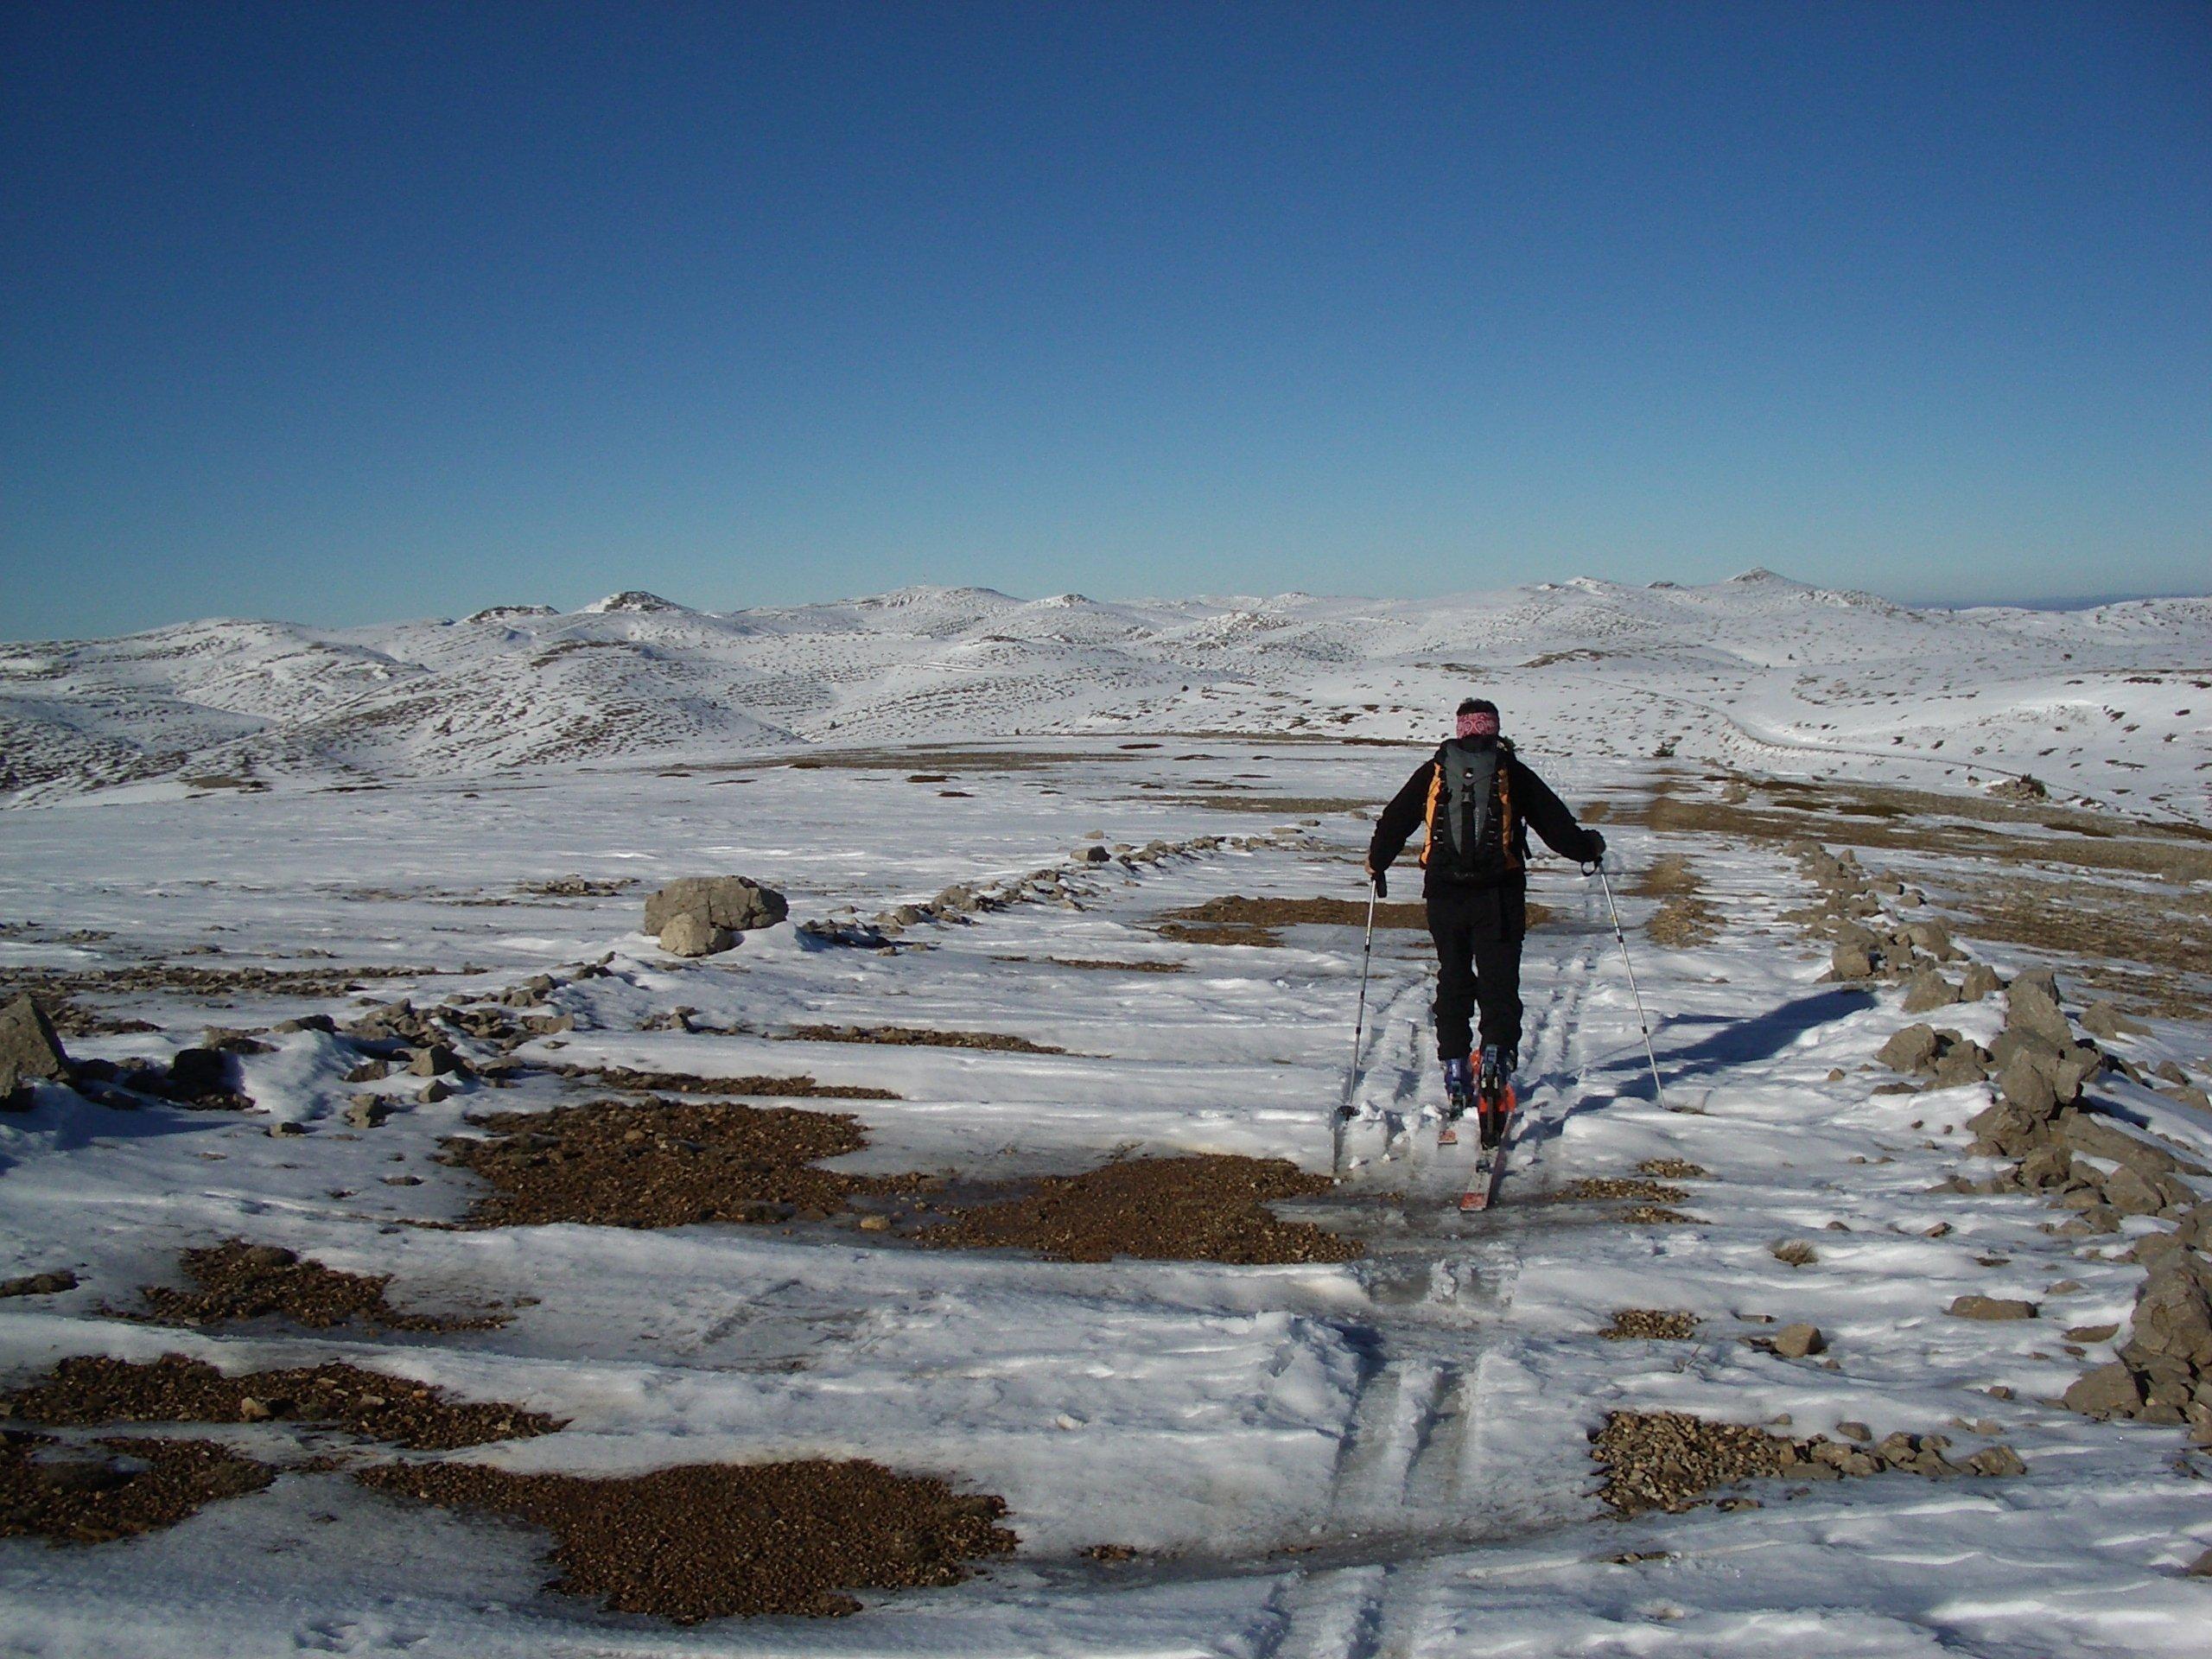 Ein Skitourengeher bewegt sich über die Schneereste auf einer Gebirgsanhöhe.